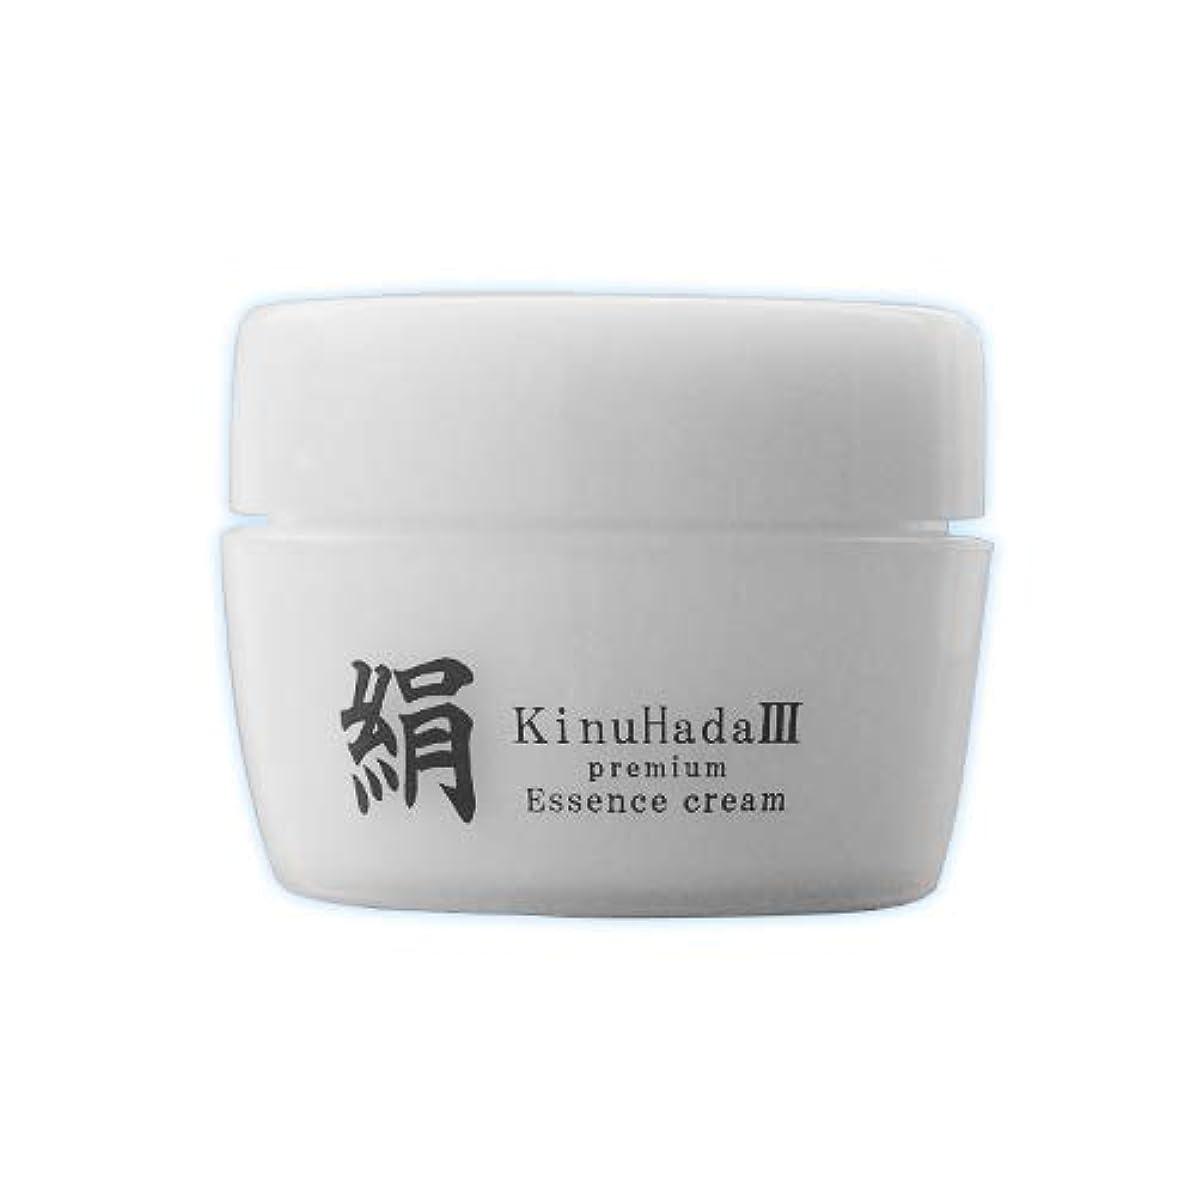 浸した負荷使用法KinuHada 3 premium 60g オールインワン 美容液 絹